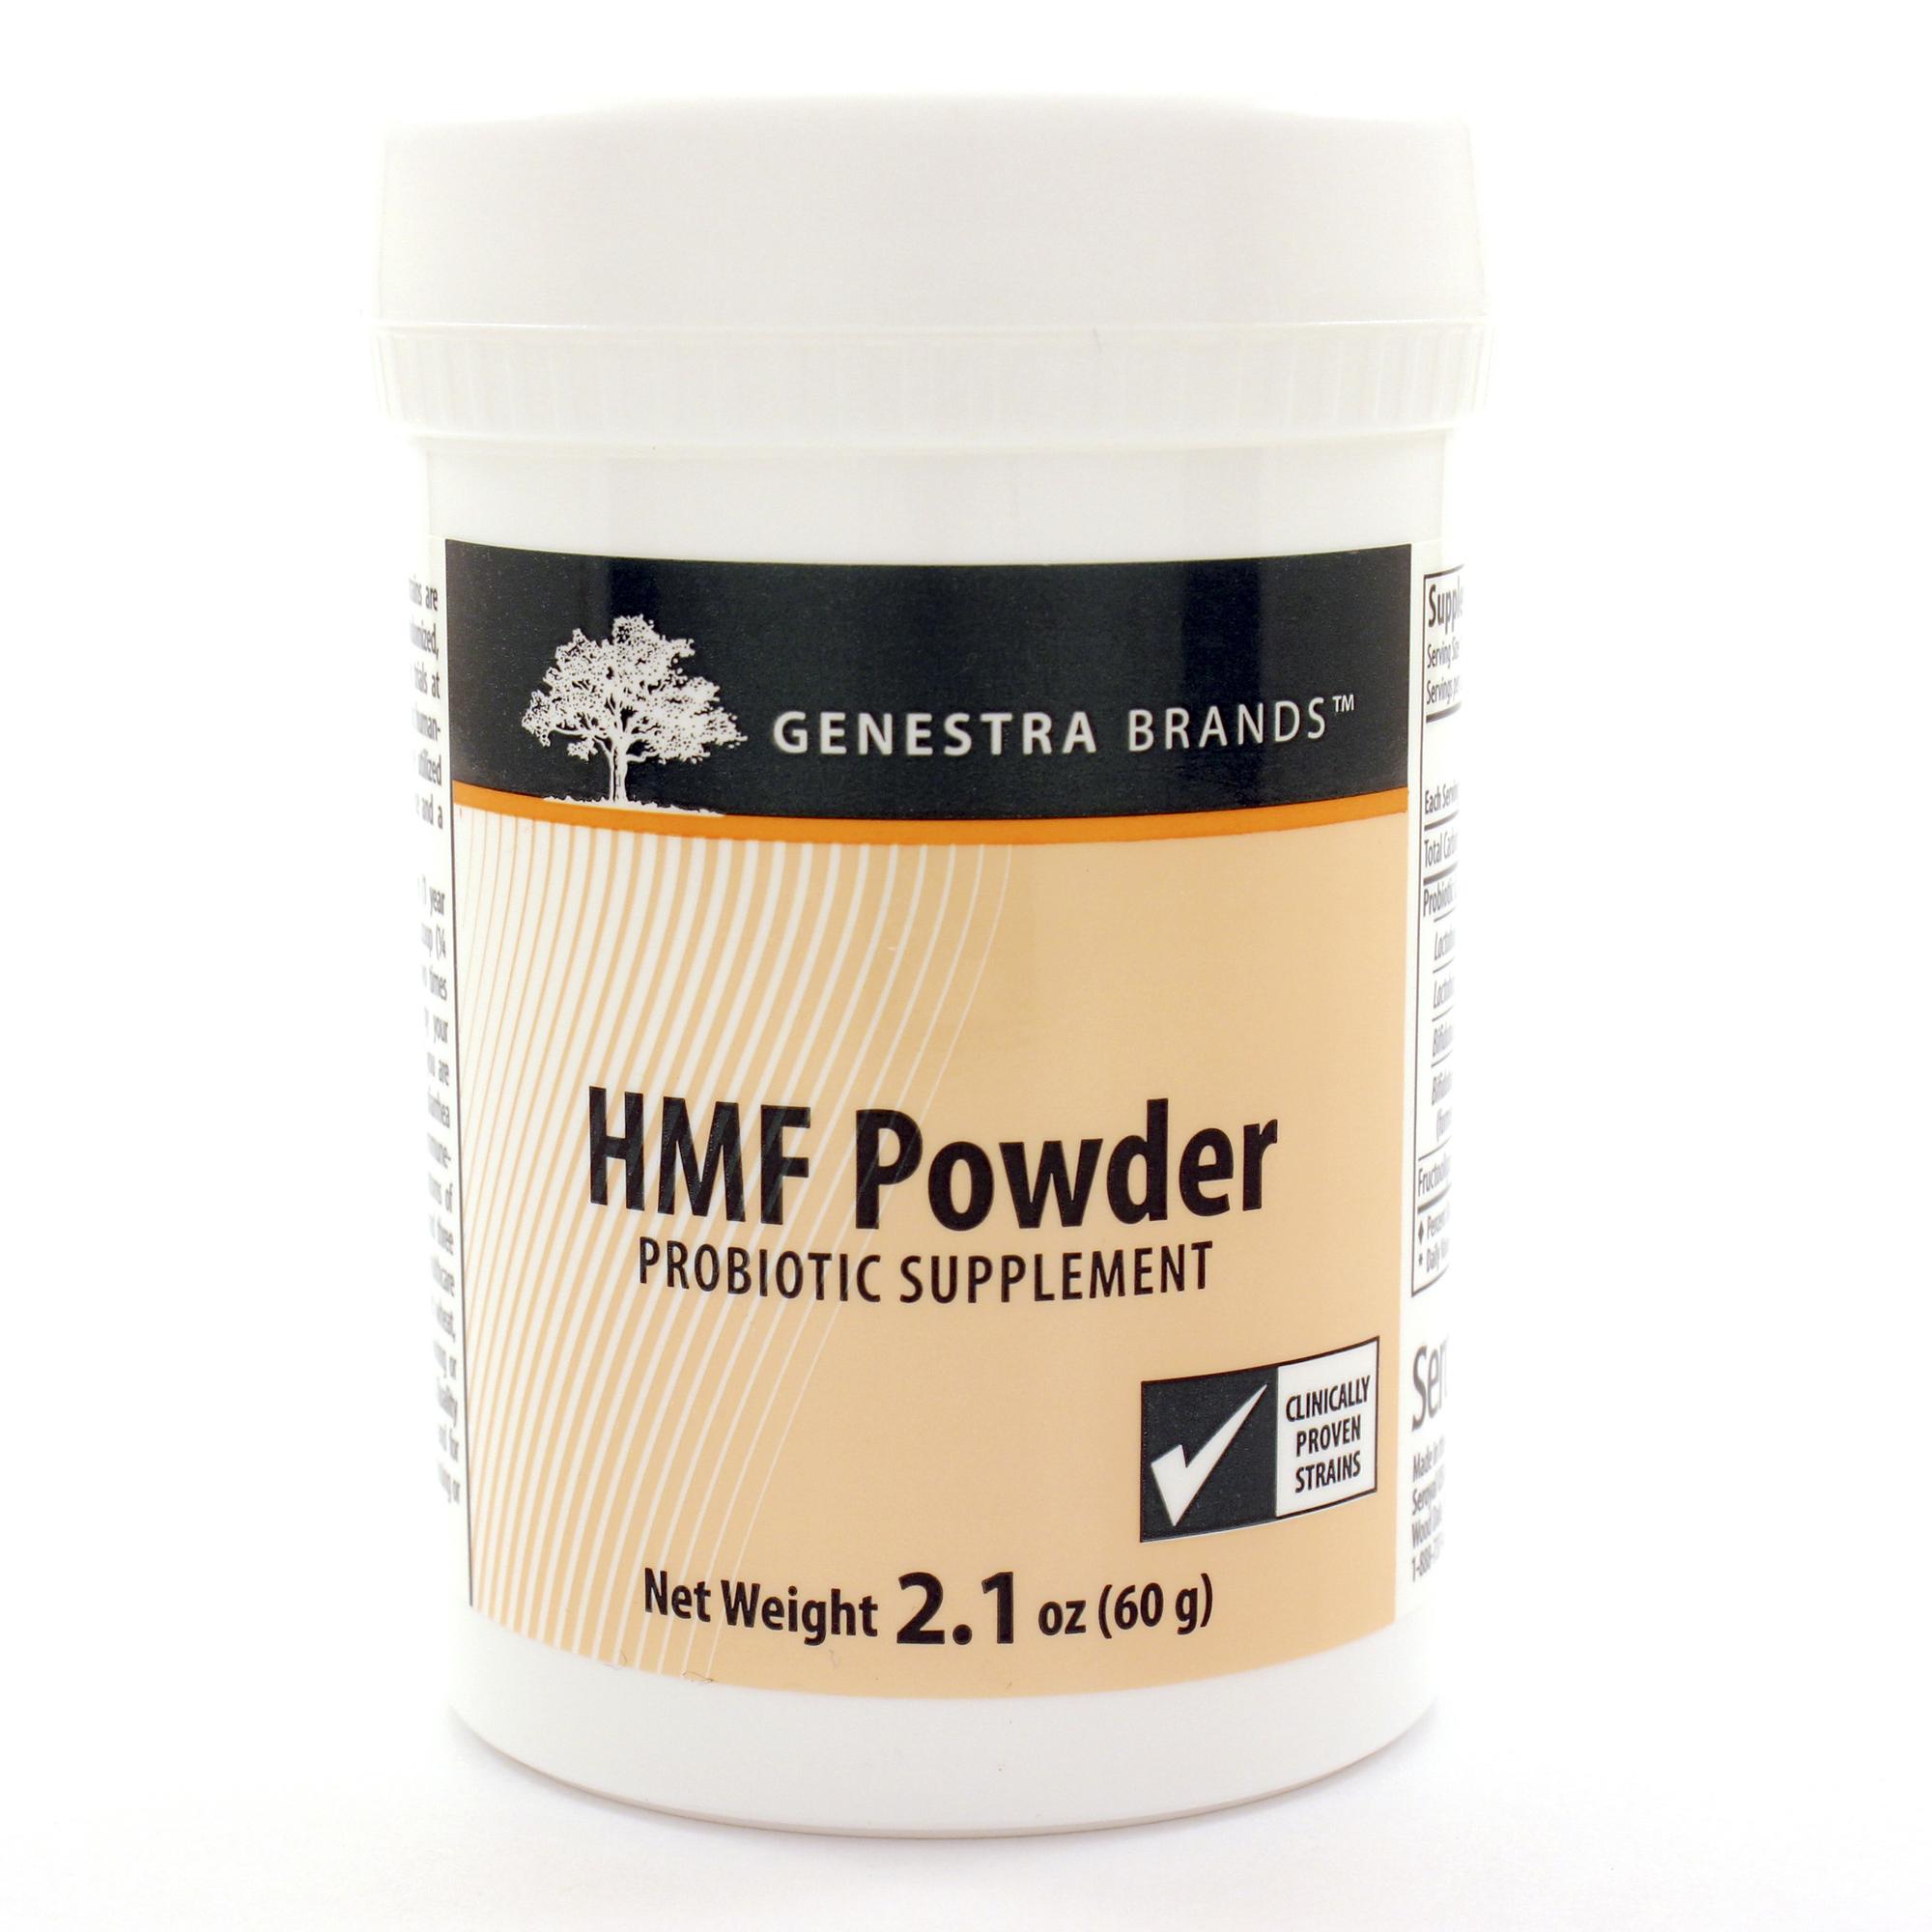 HMF Powder 60g (F)